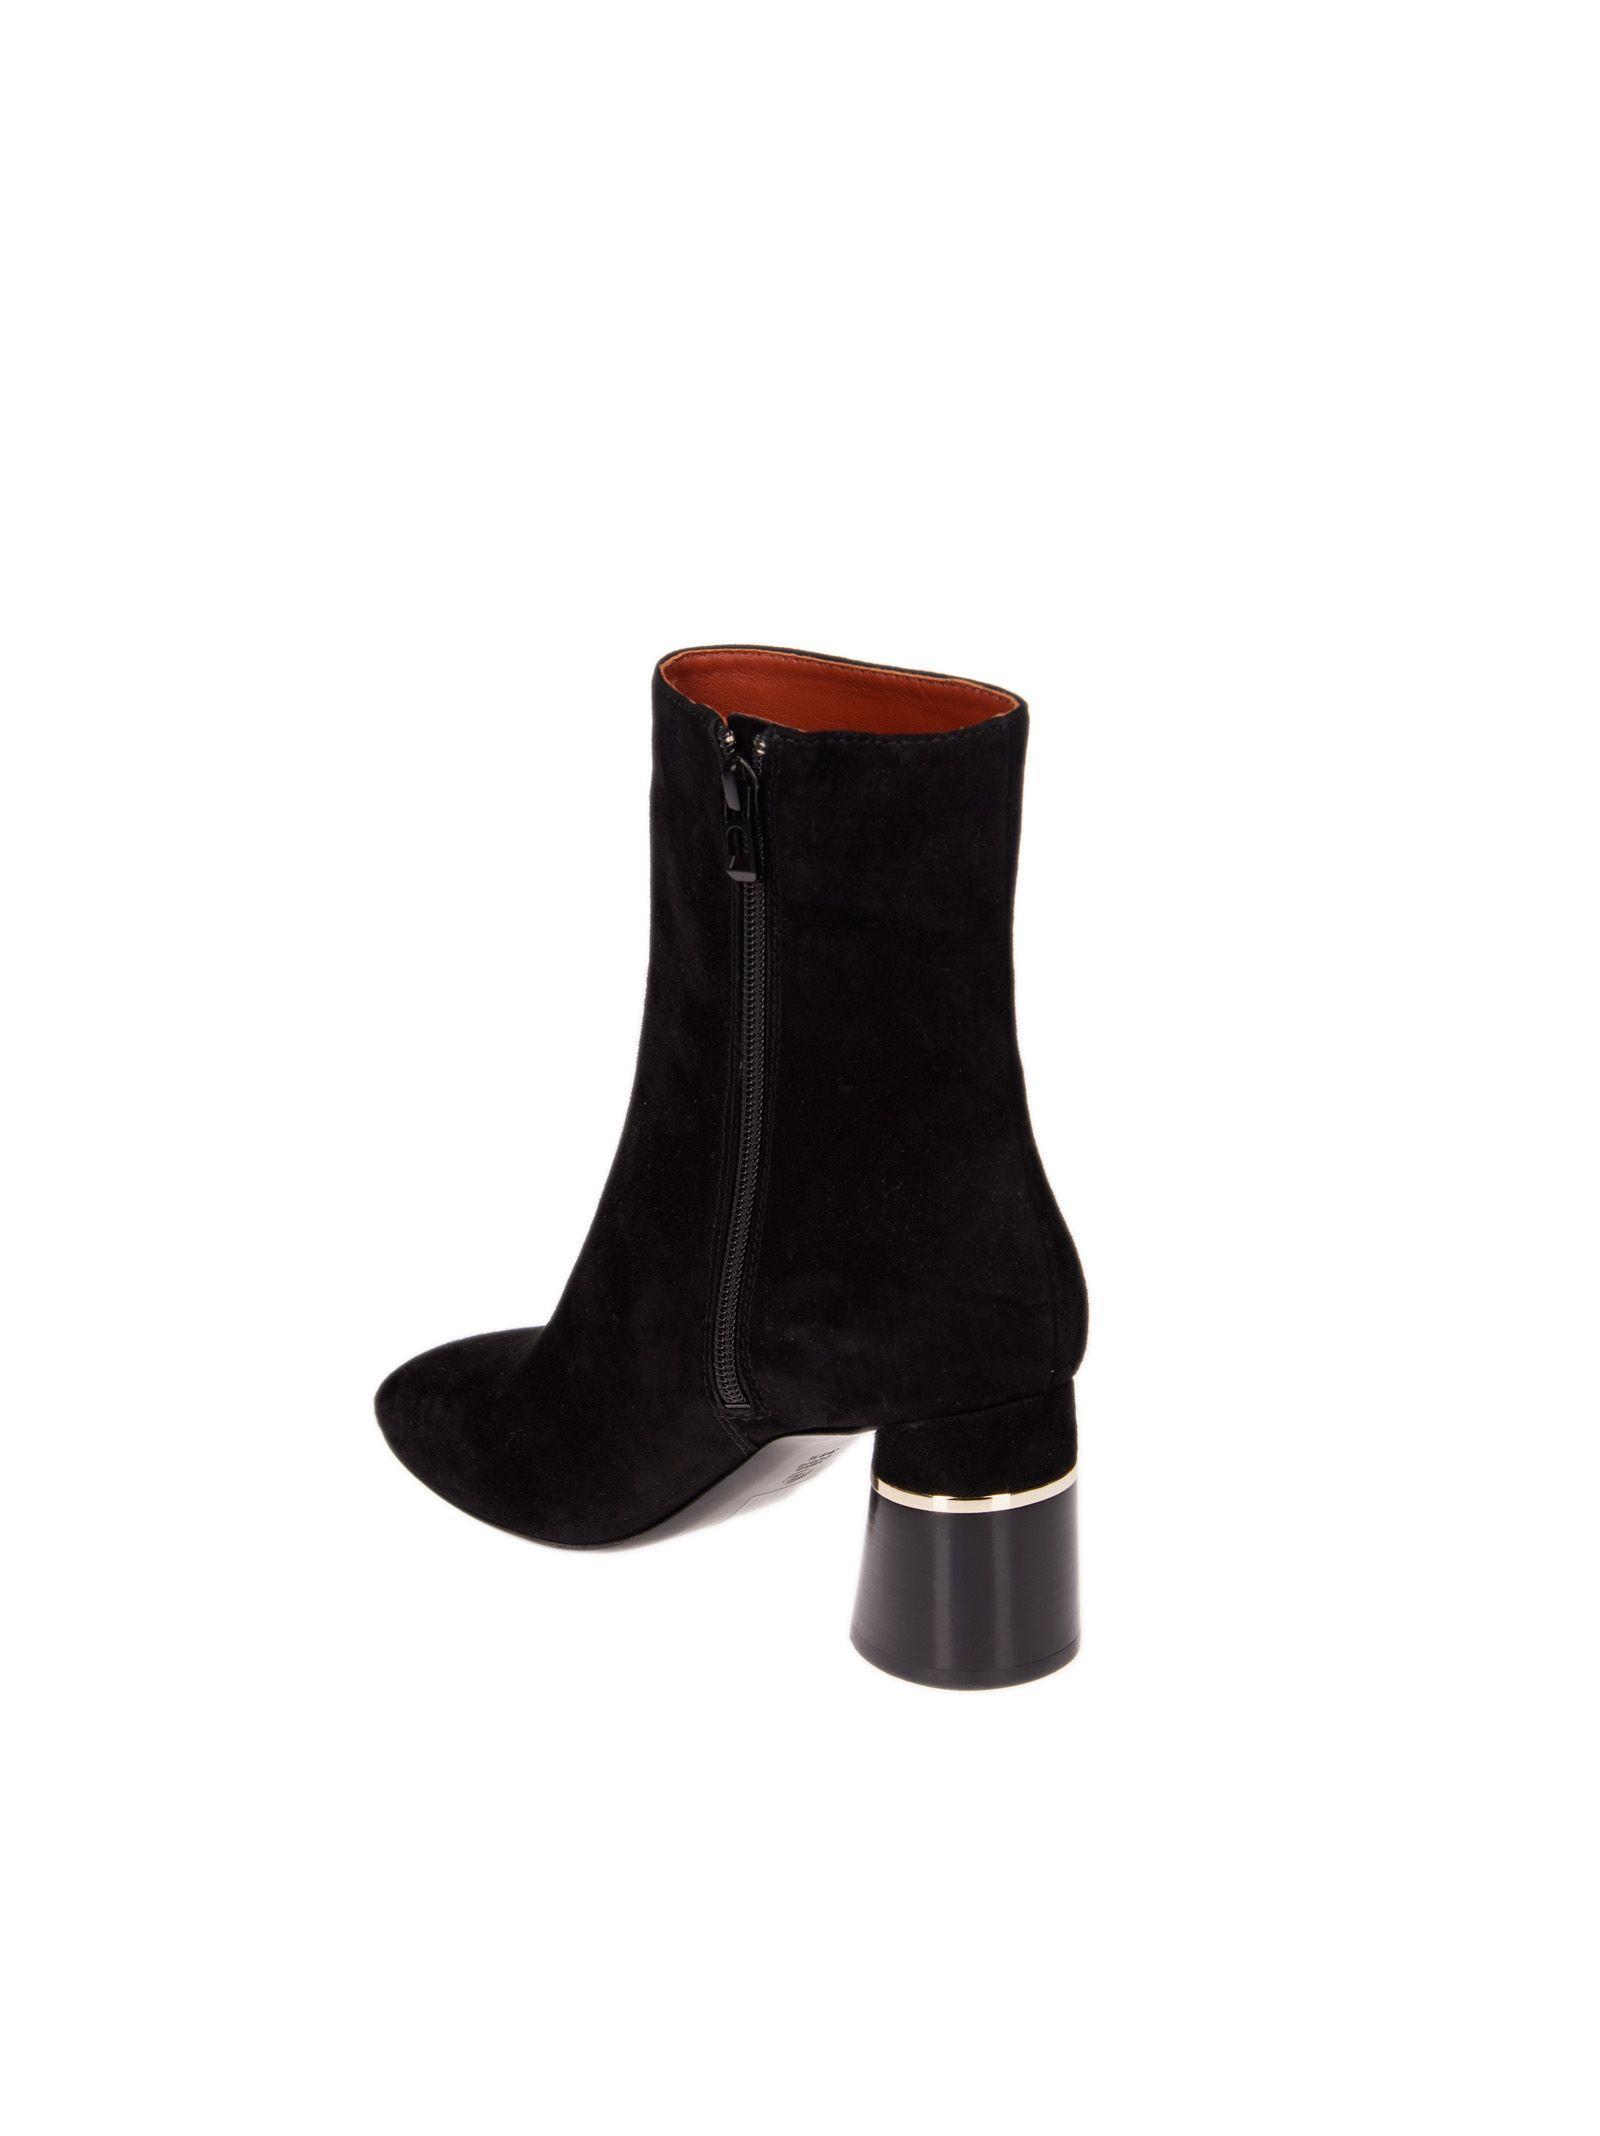 3.1 Phillip Lim Drum Boots In Black